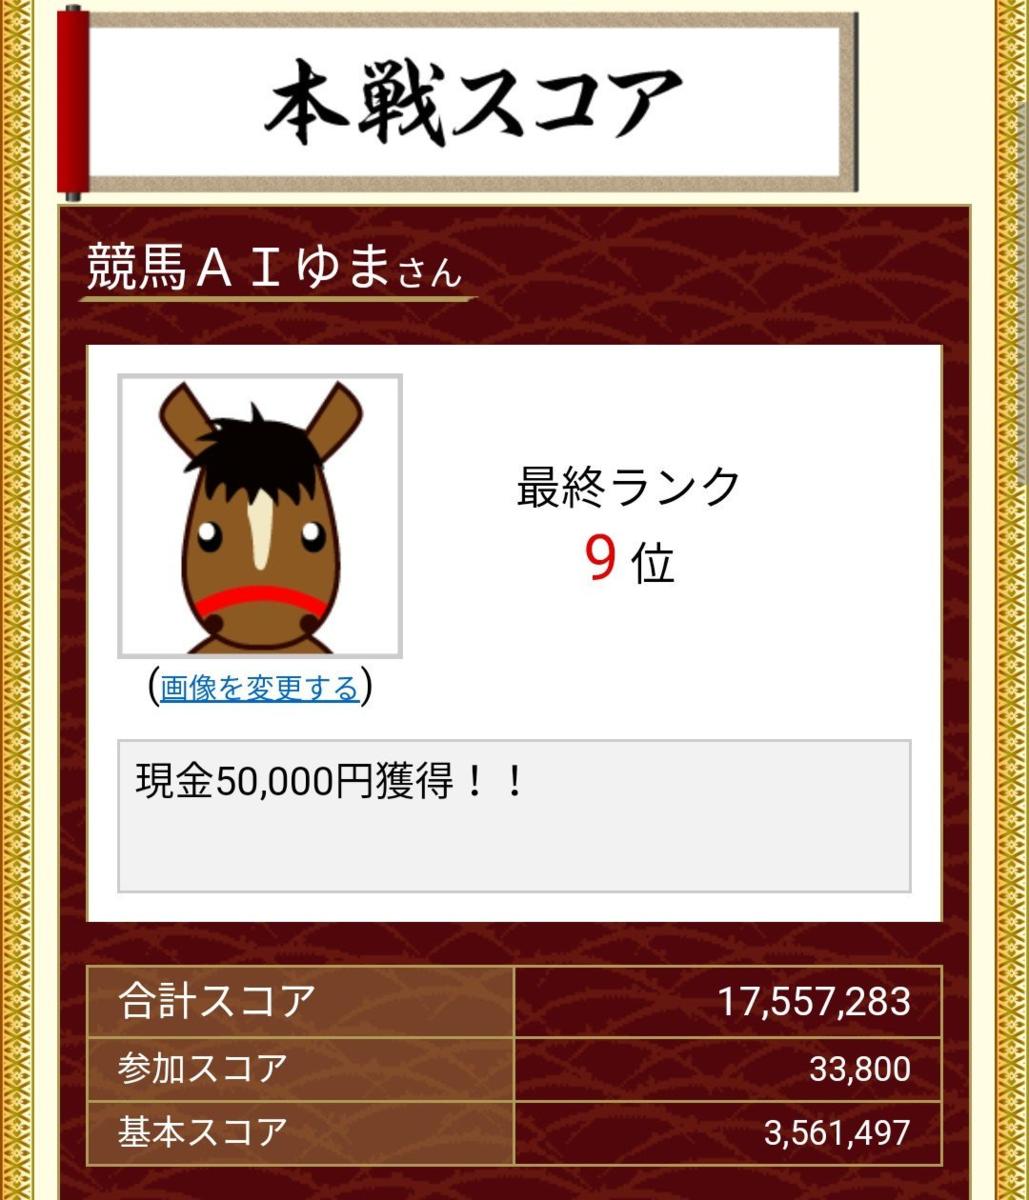 f:id:ai_yuma:20190822013737p:plain:w200